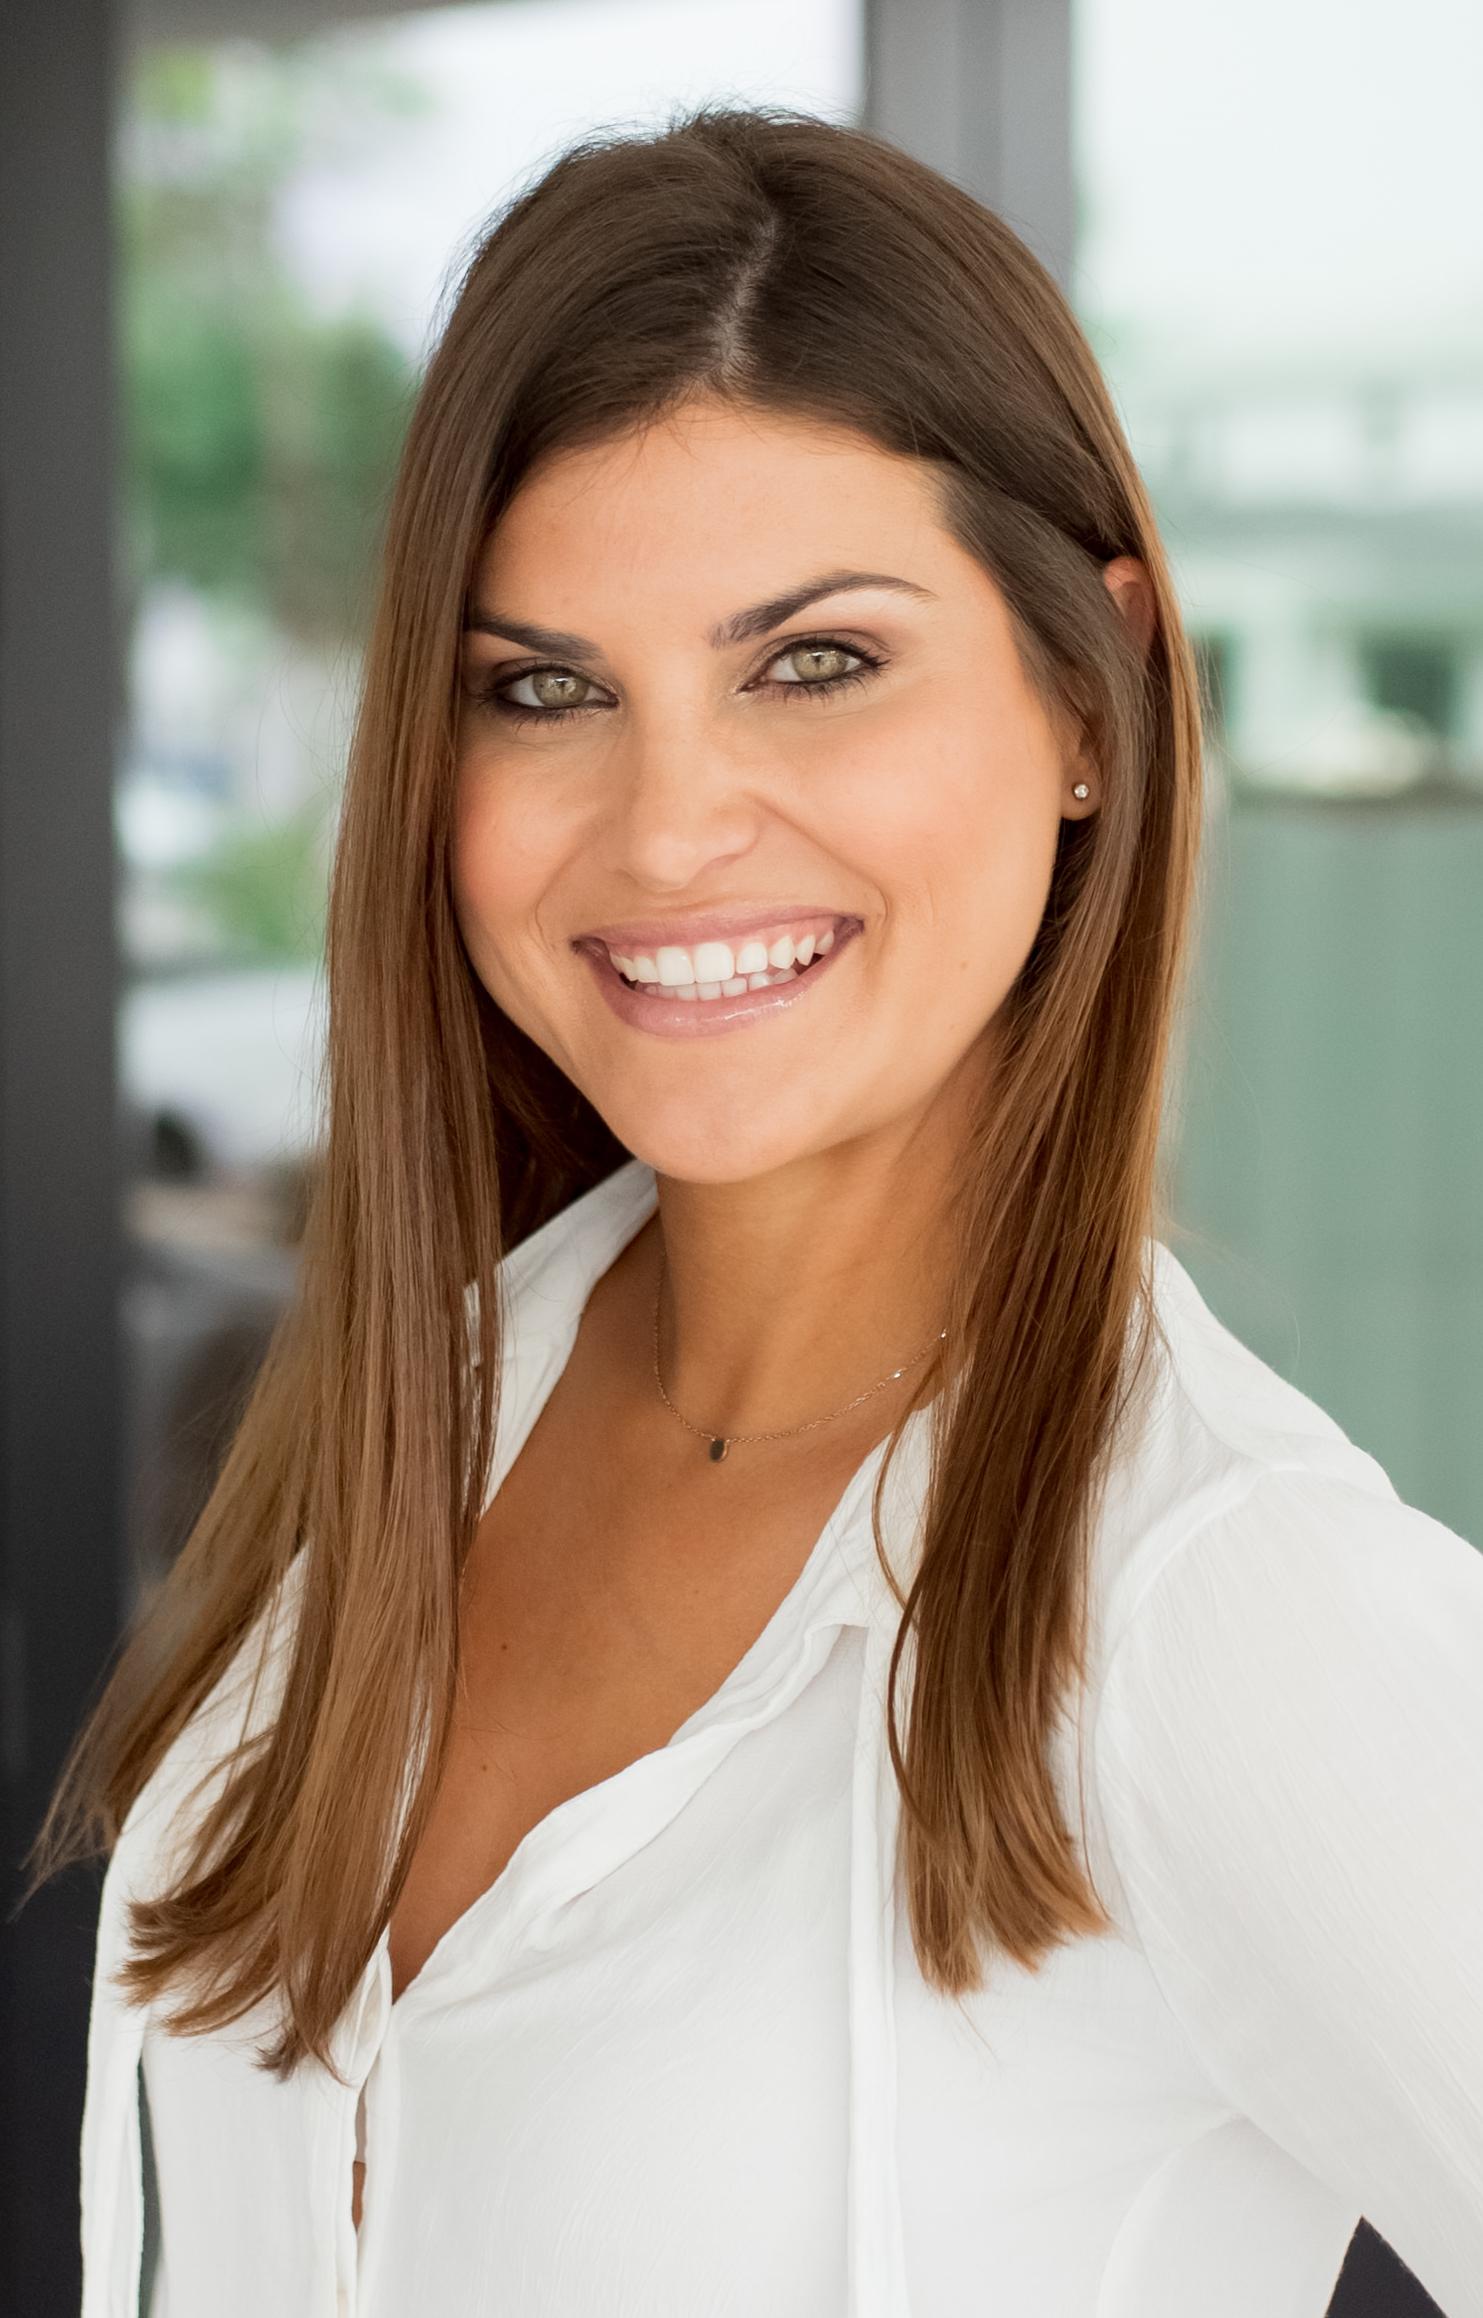 Kristina Quesada